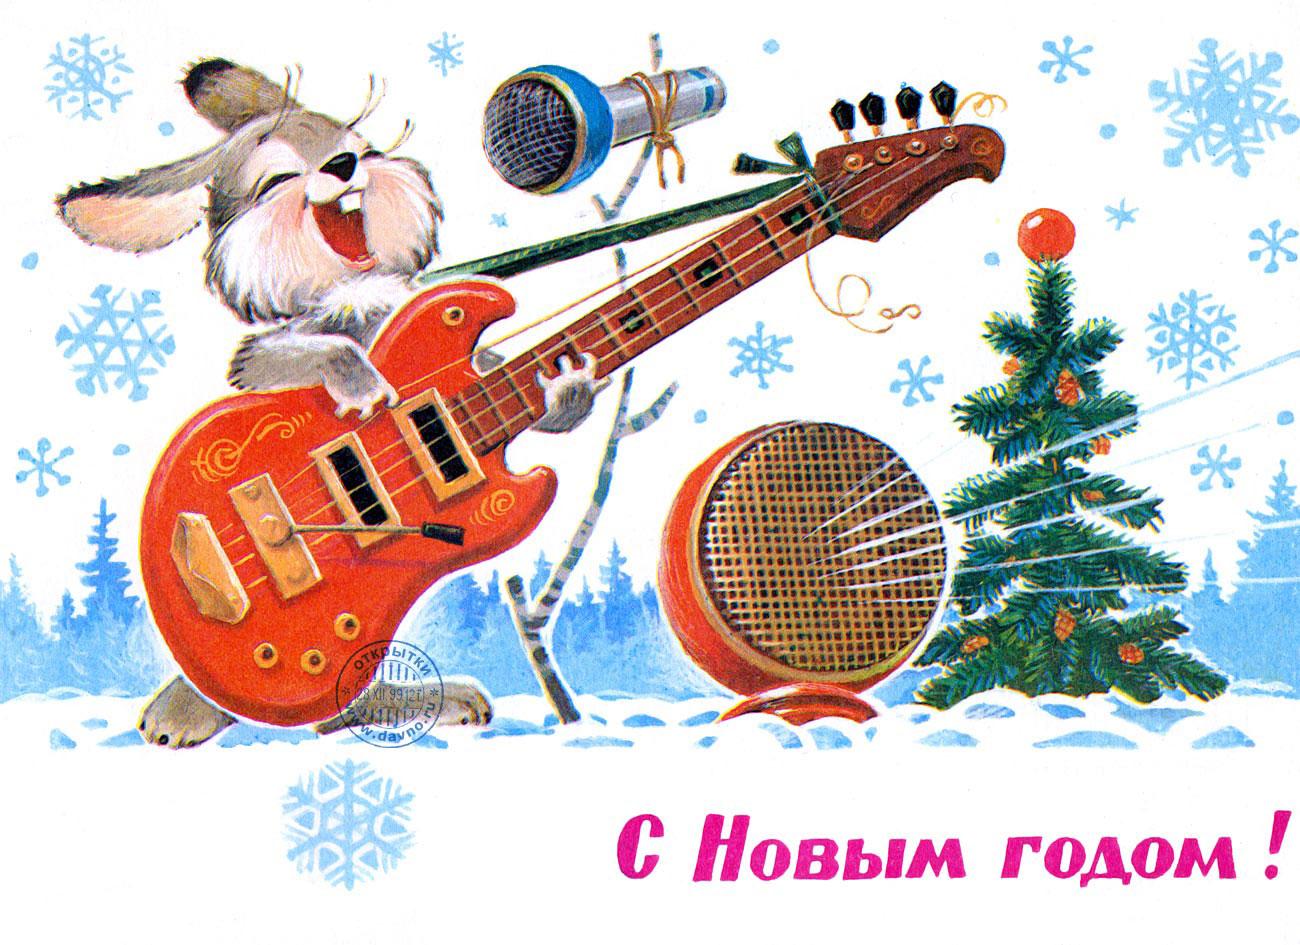 Советские открытки с Новым годом